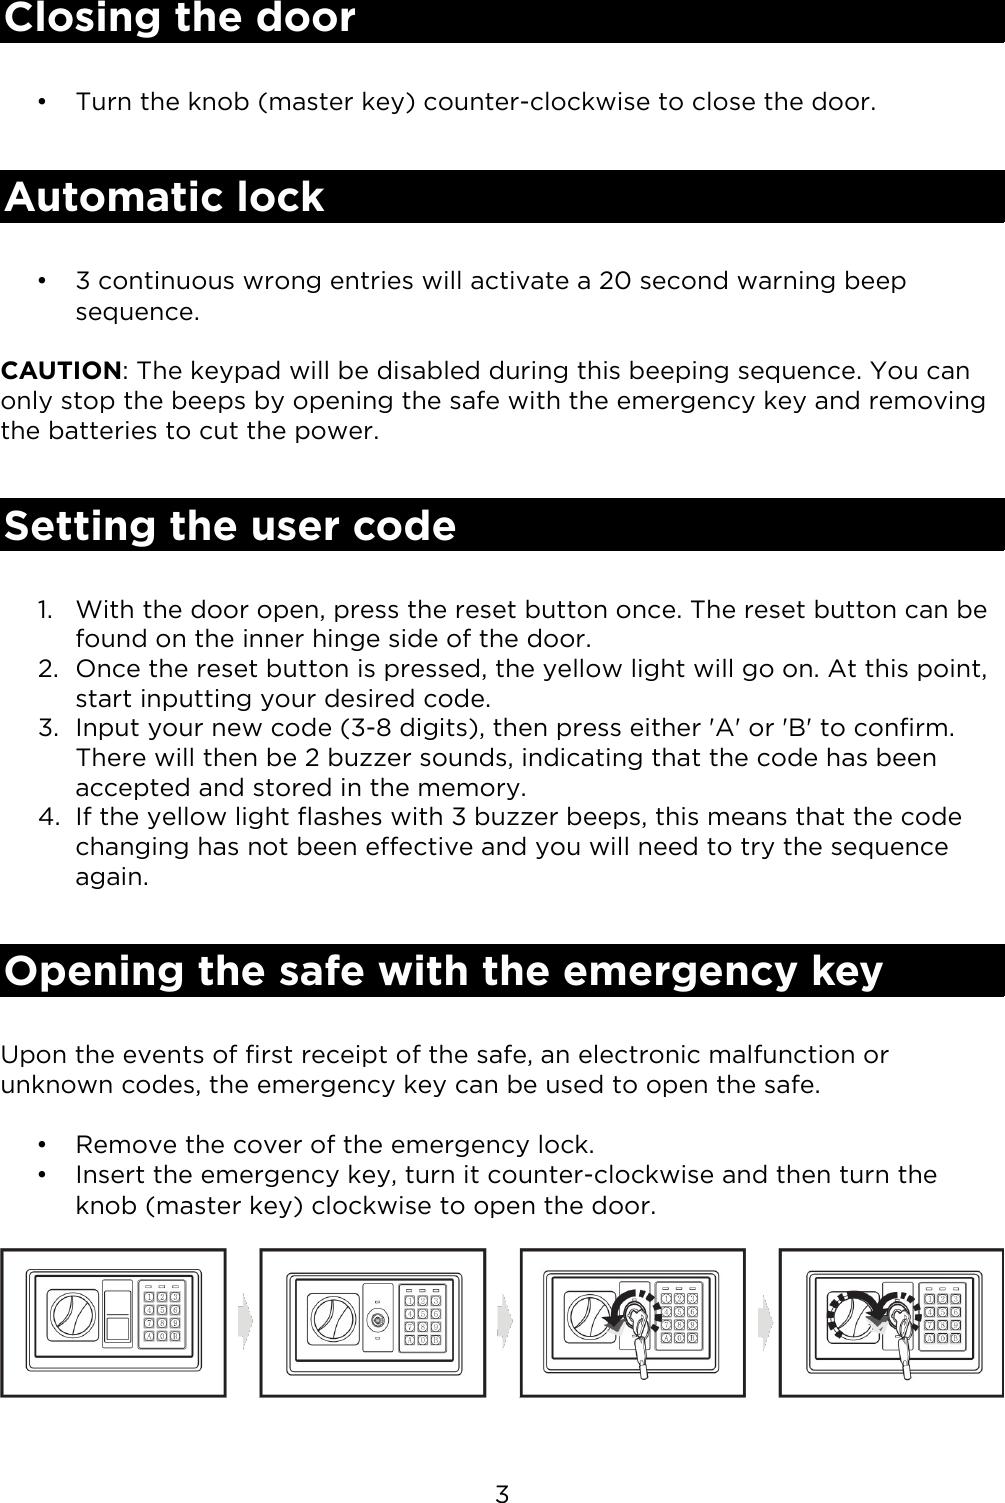 KASAFEBOXXA Electronic Safe Security Box User Manual A